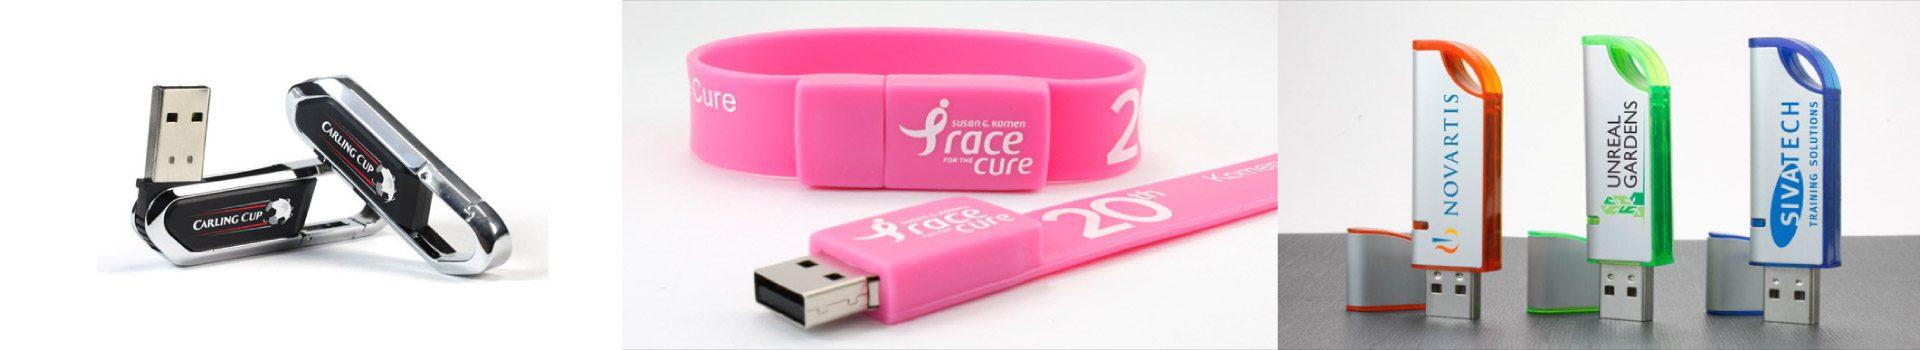 USB's